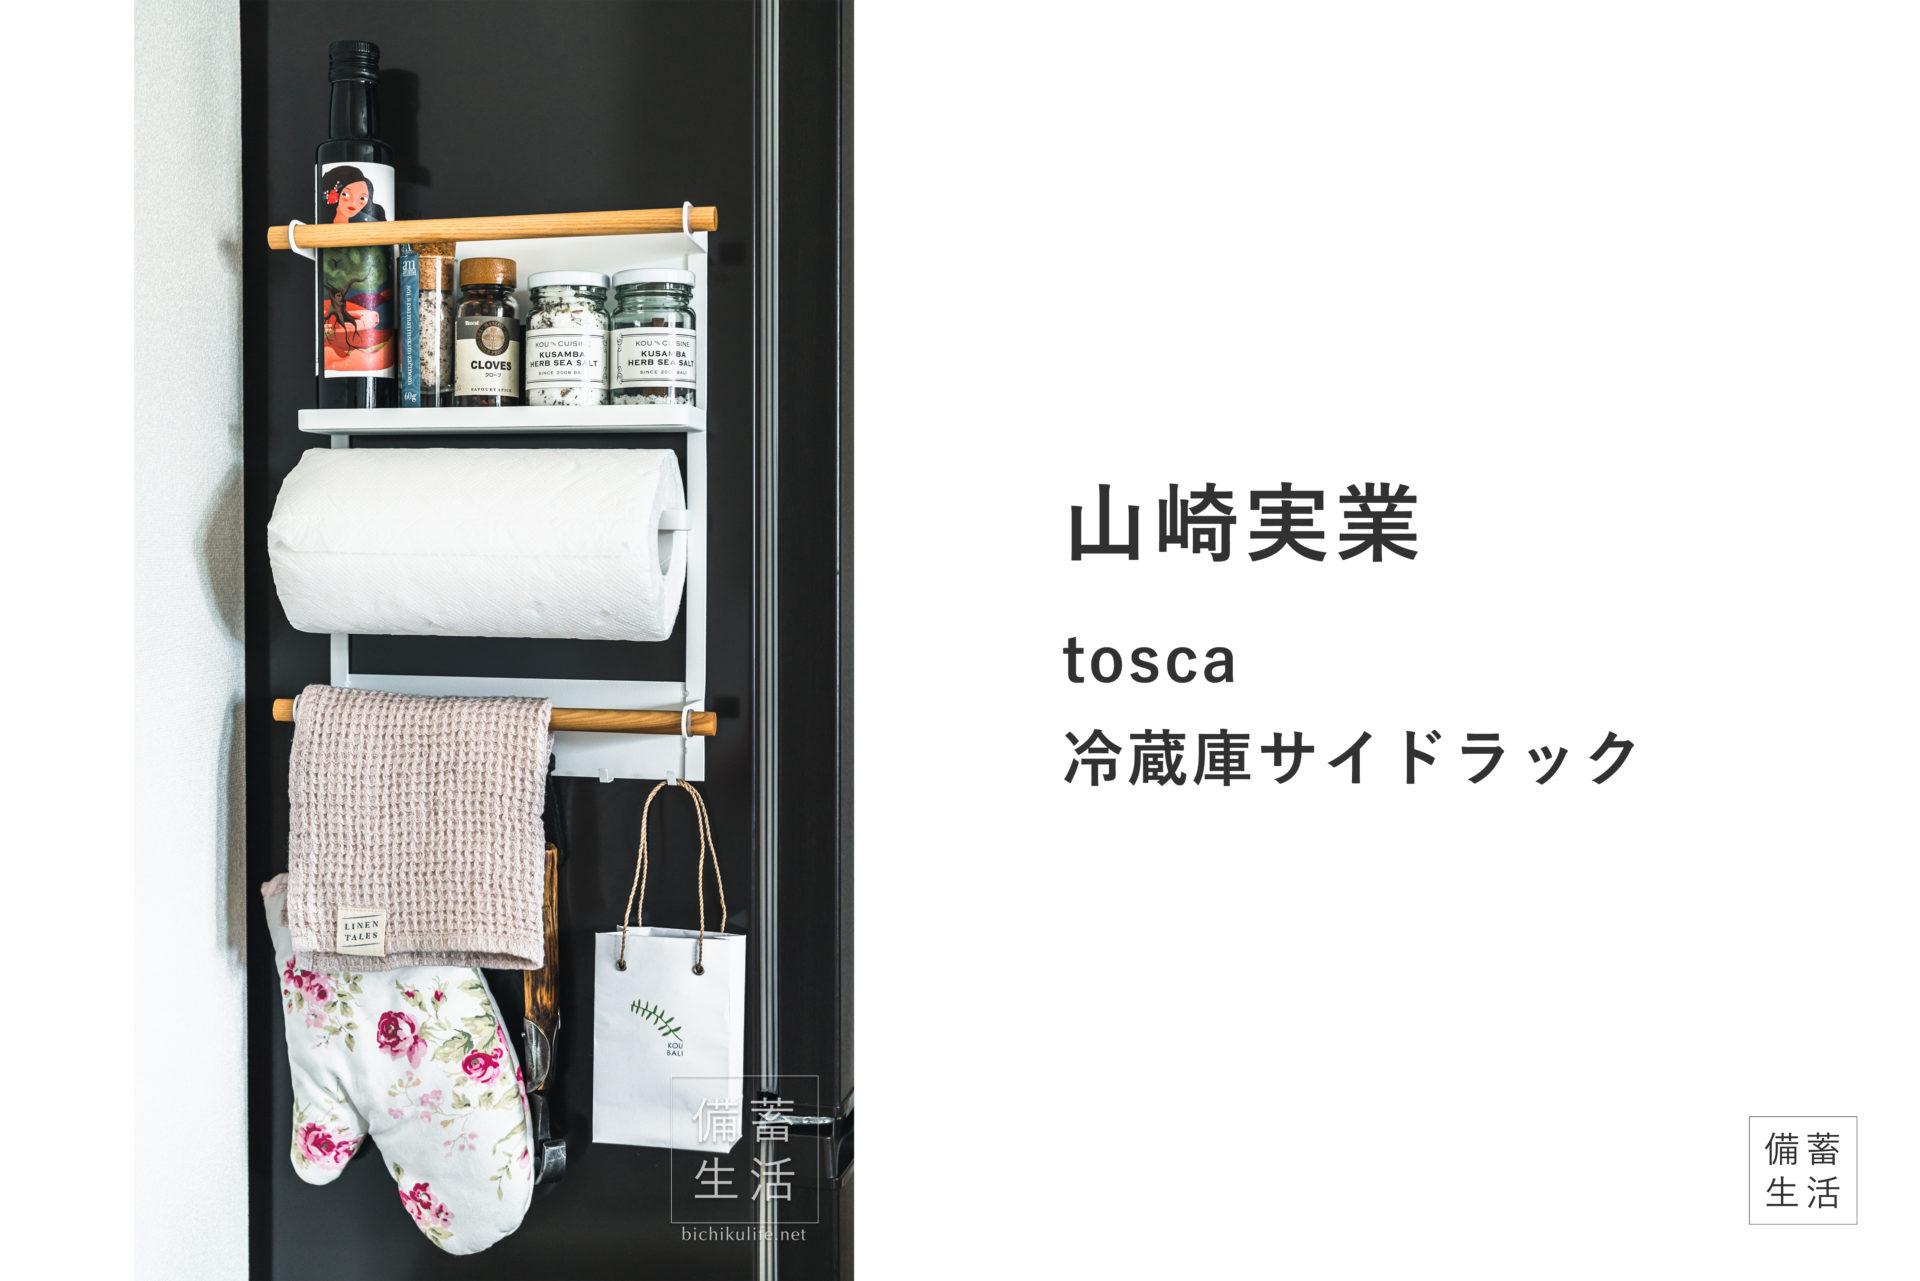 山崎実業 tosca 冷蔵庫サイドラック キッチンペーパーを綺麗に収納